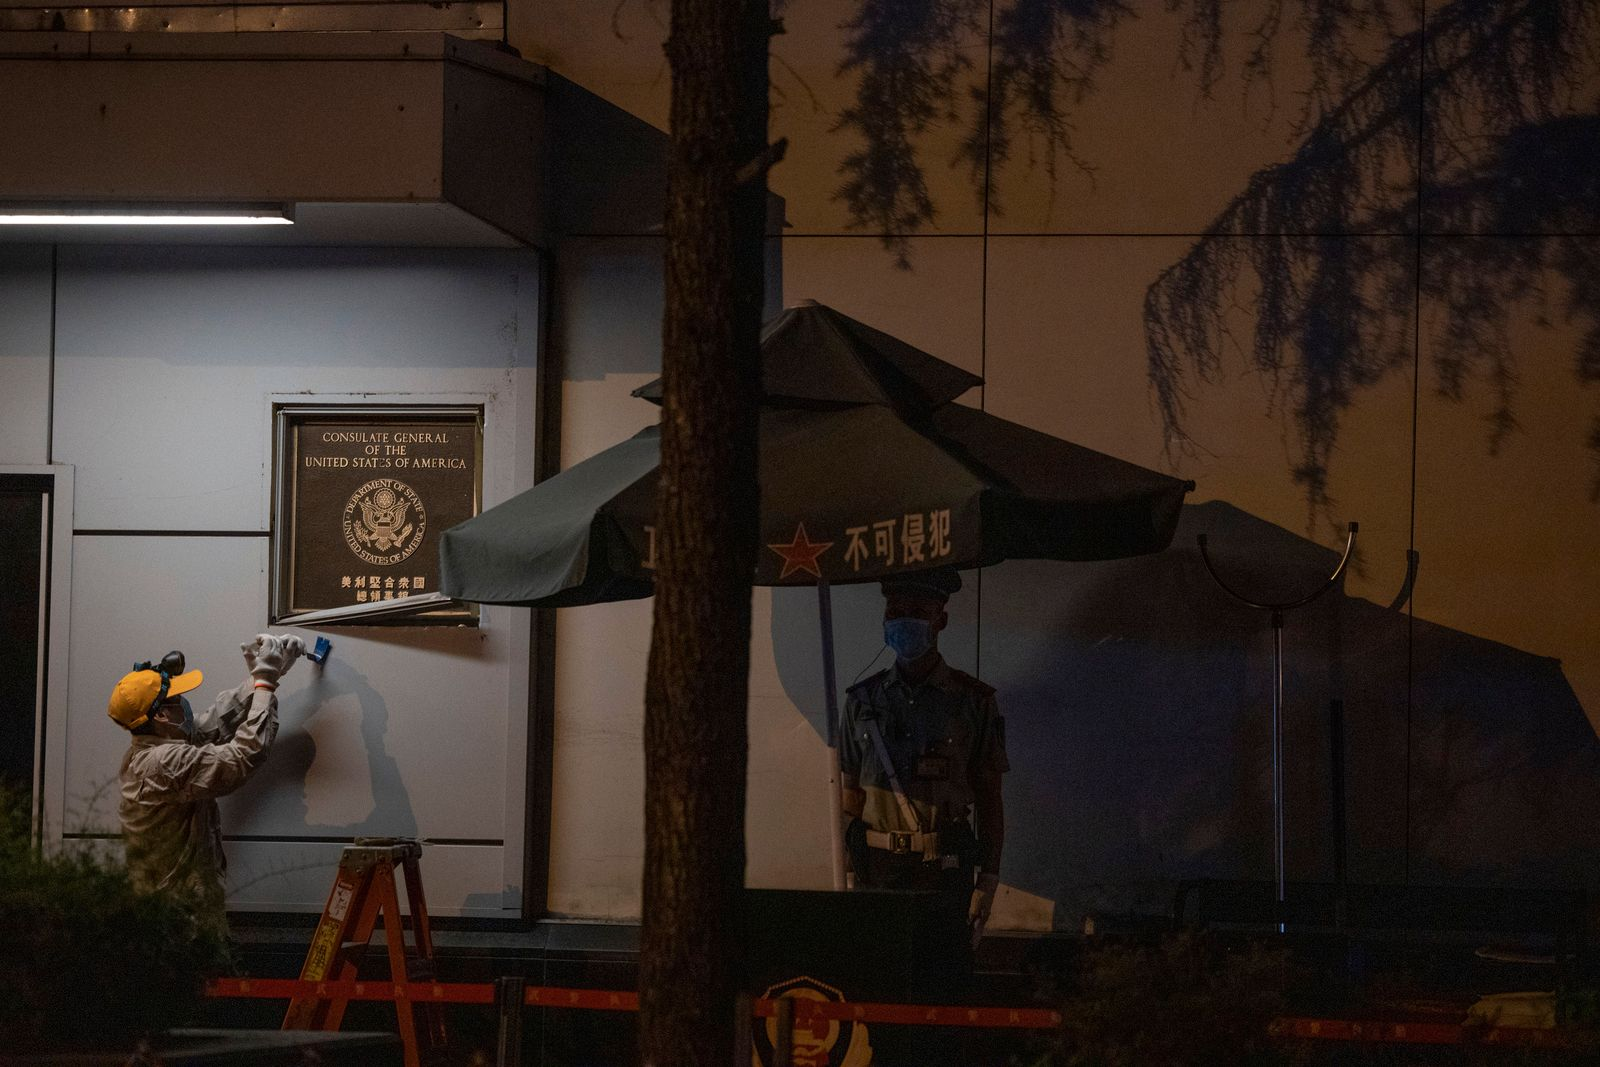 China verfügt Schließung des US-Konsulats in Chengdu